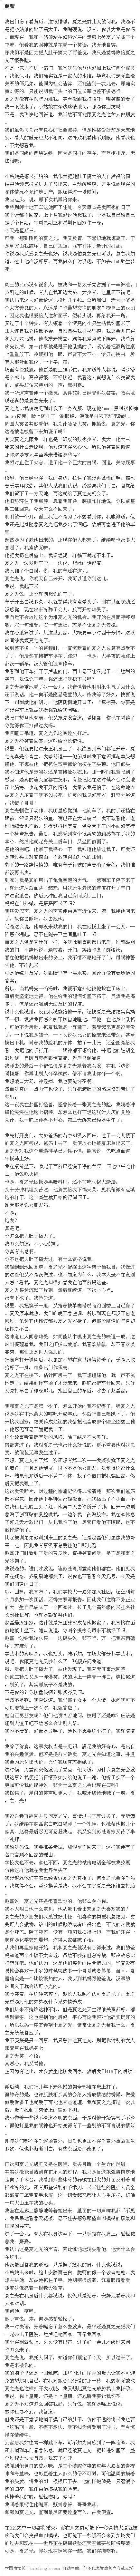 奇米影视社会强奸乱伦视频大全